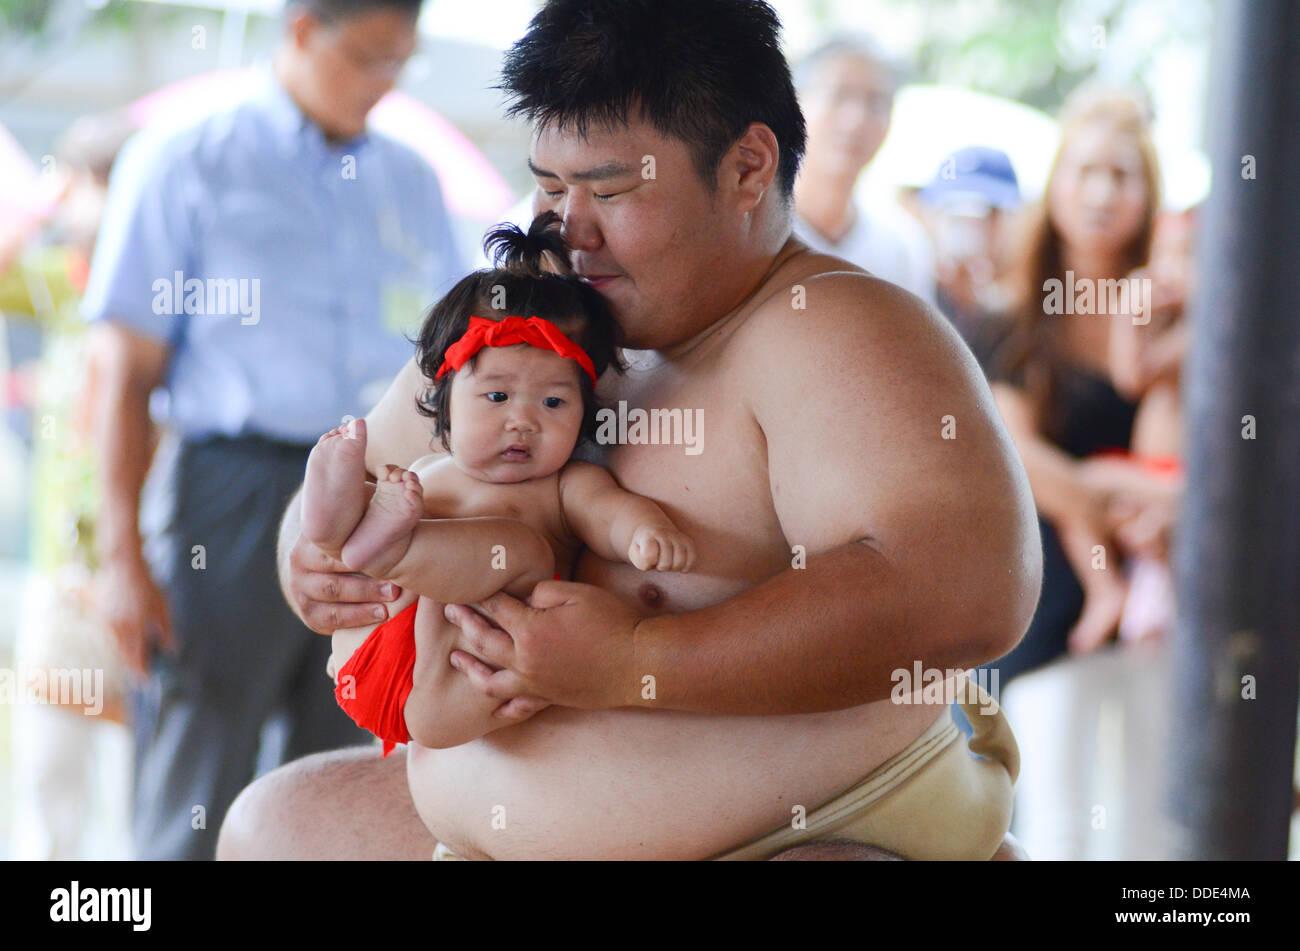 Los luchadores y los bebés toman parte en un evento de sumo en Matsuo Taisha Shrine en Kyoto, Japón. Imagen De Stock